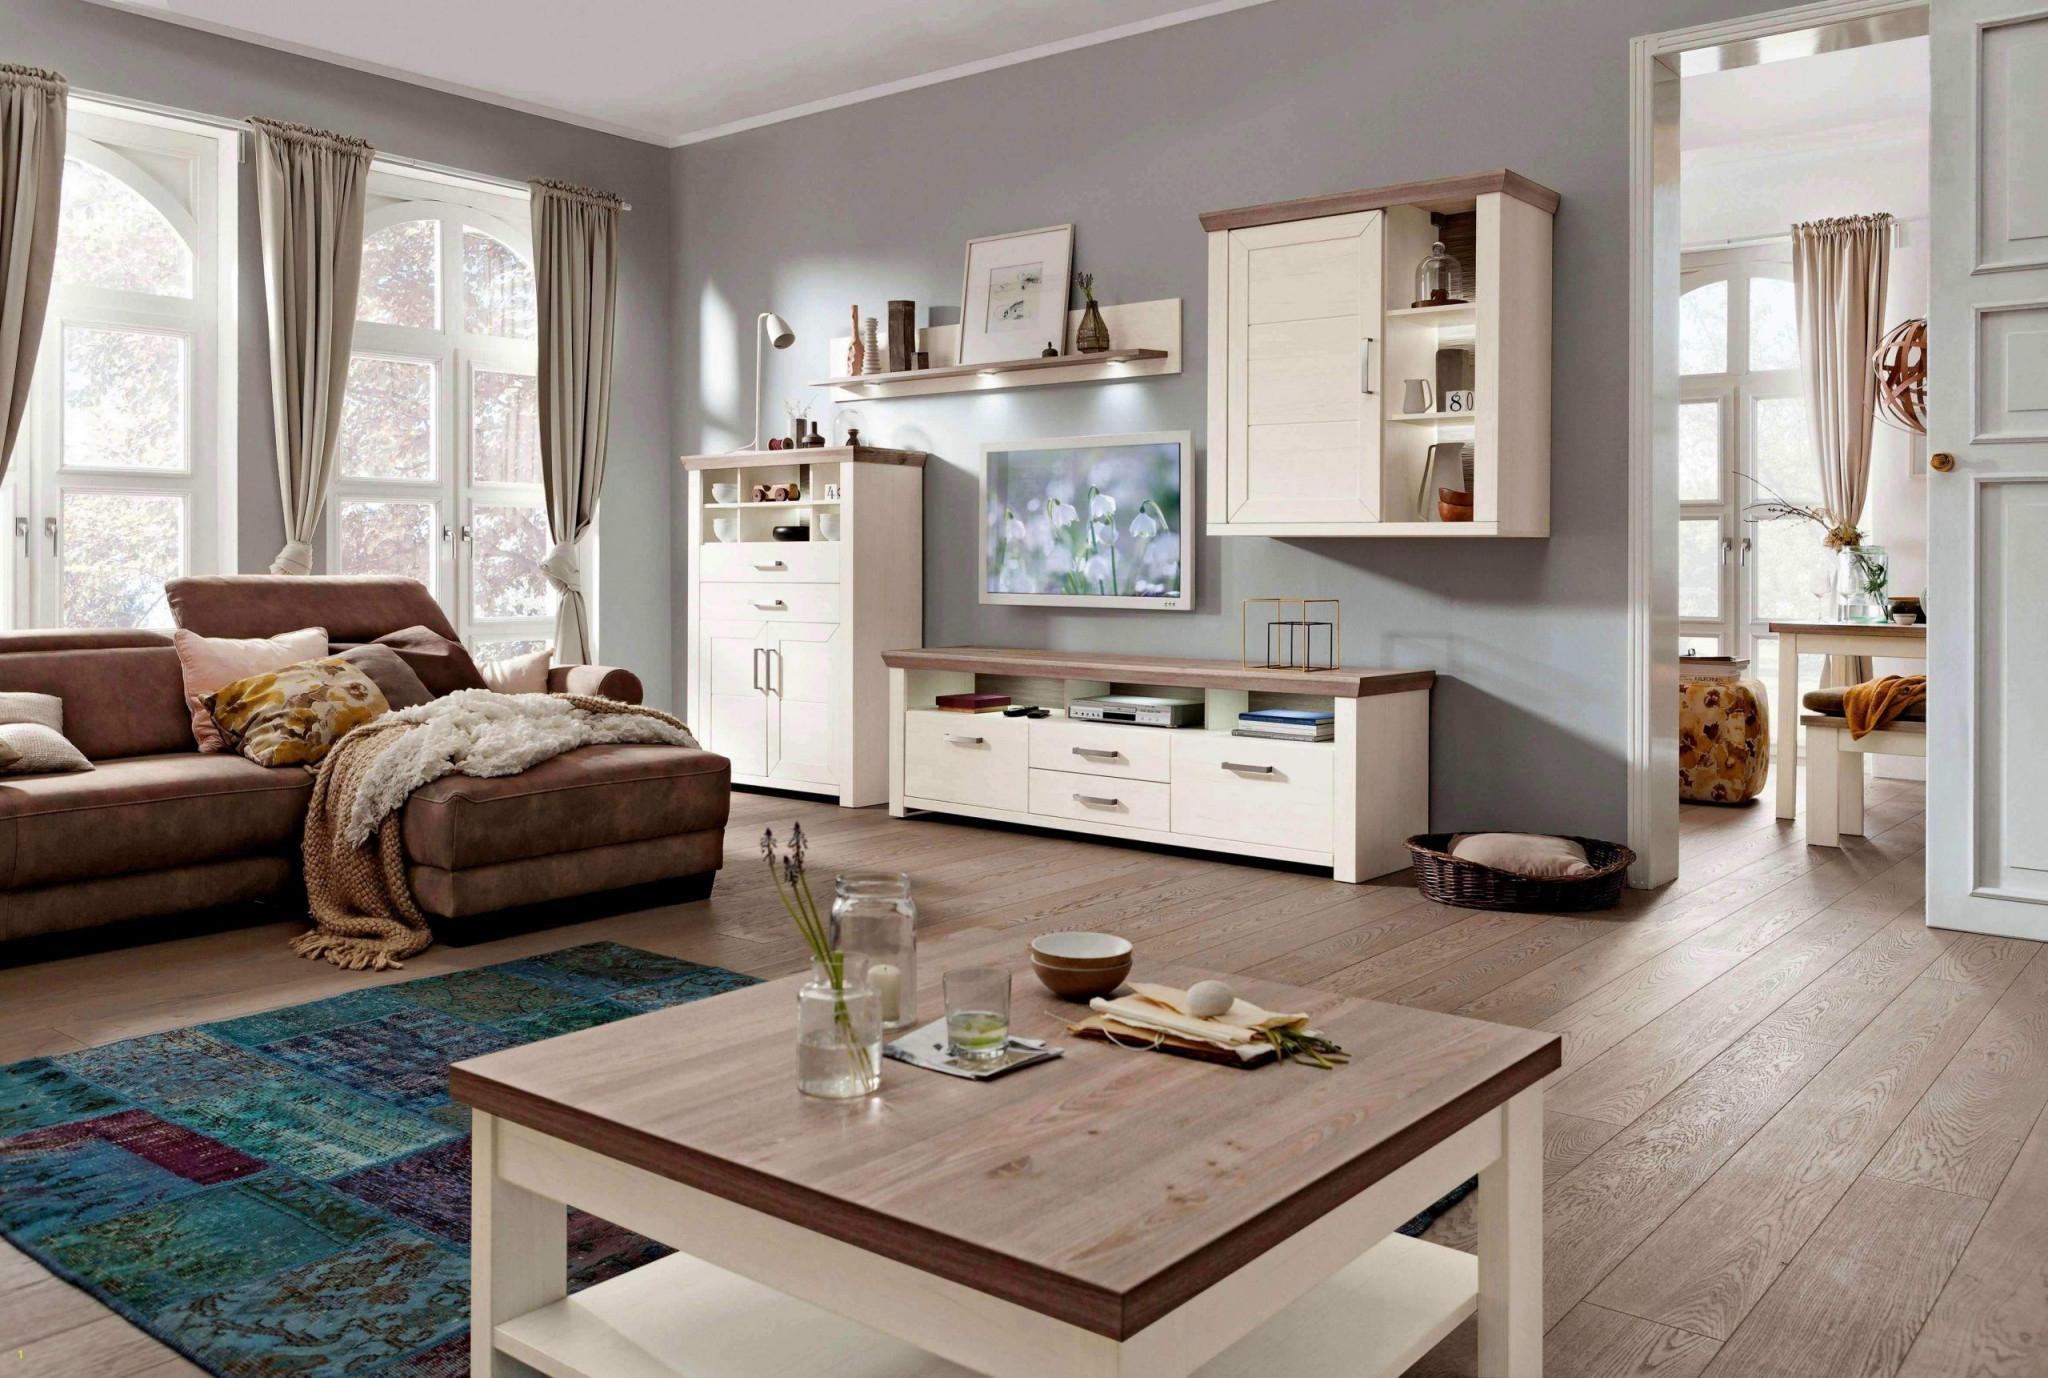 22 Elegante Moderne Wohnzimmer Ideen Die Sie Möchten 11 In von Wohnzimmer Einrichten Landhausstil Modern Photo